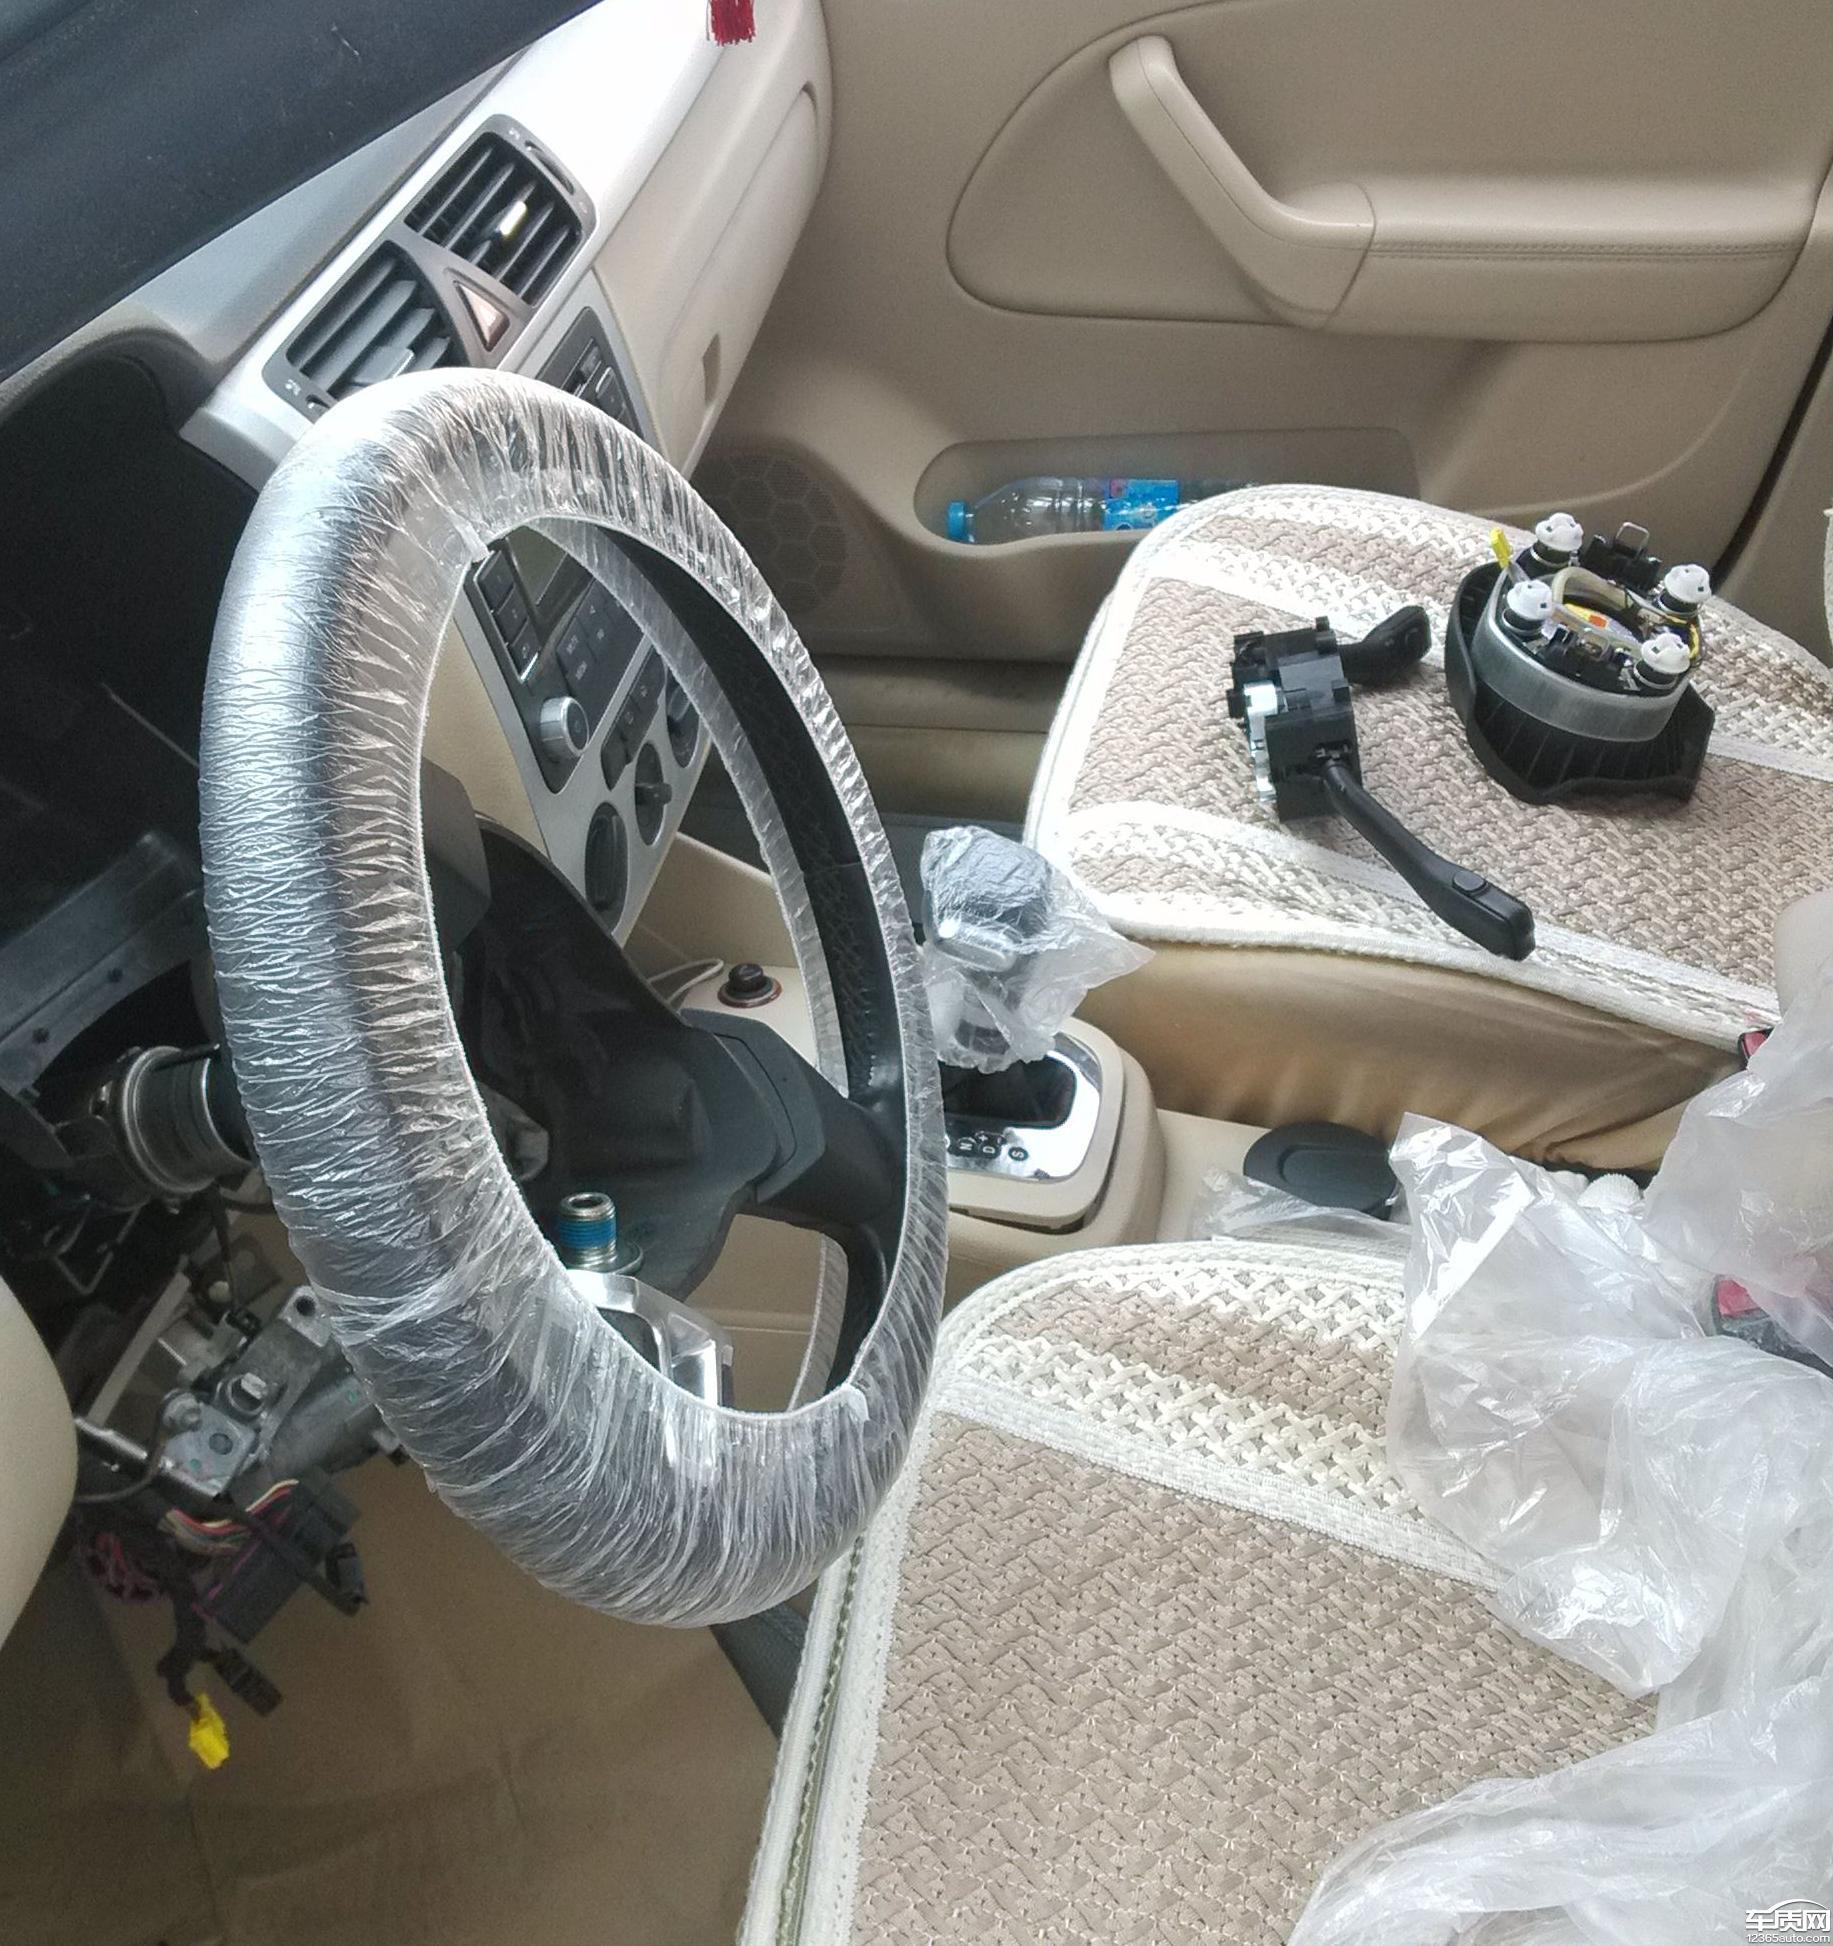 一汽大众宝来方向盘锁死全套锁控系统需更换